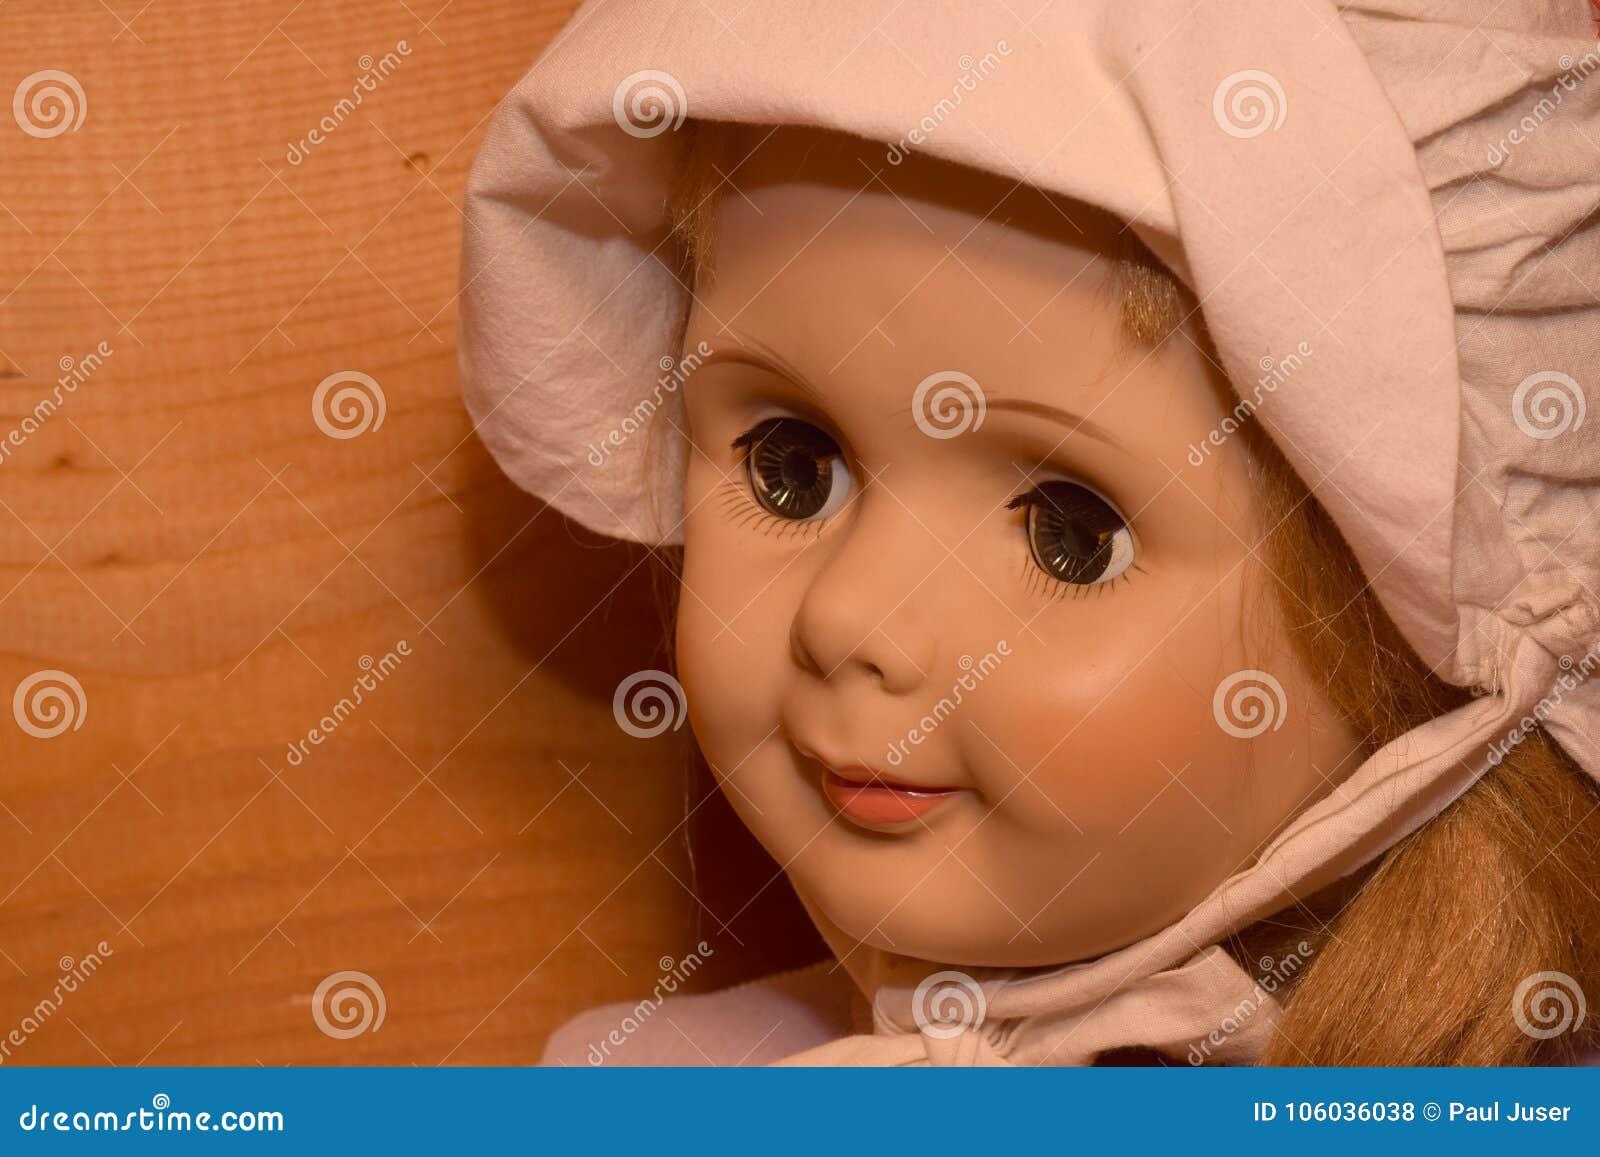 dolls with creepy eyes stock photo. image of demonic - 106036038